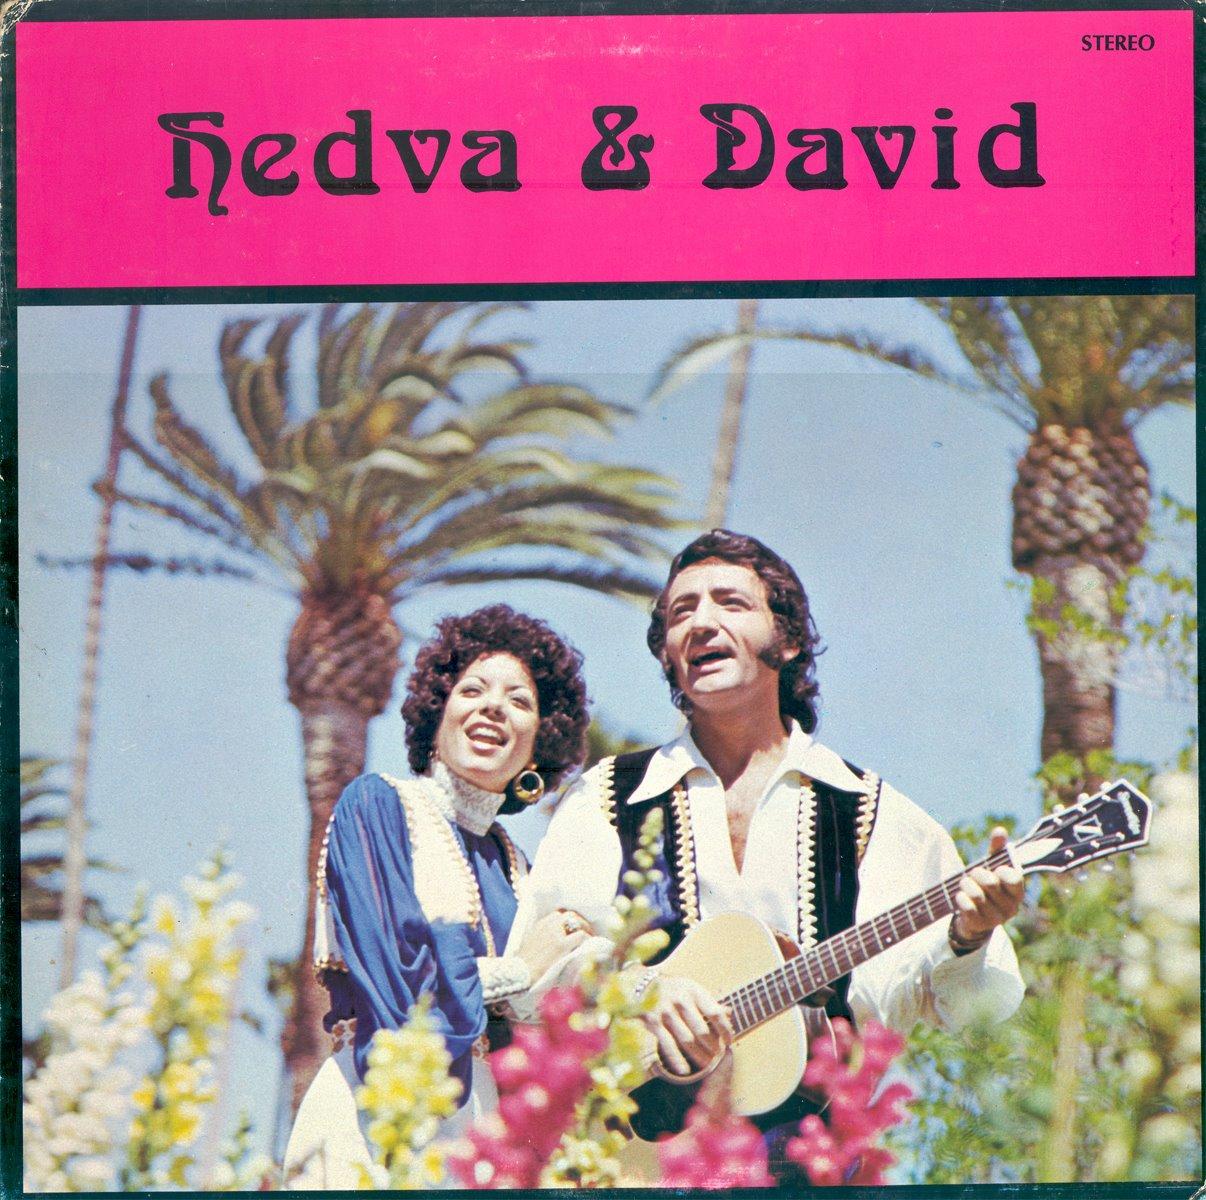 [Hedva&Davidfront[1]]